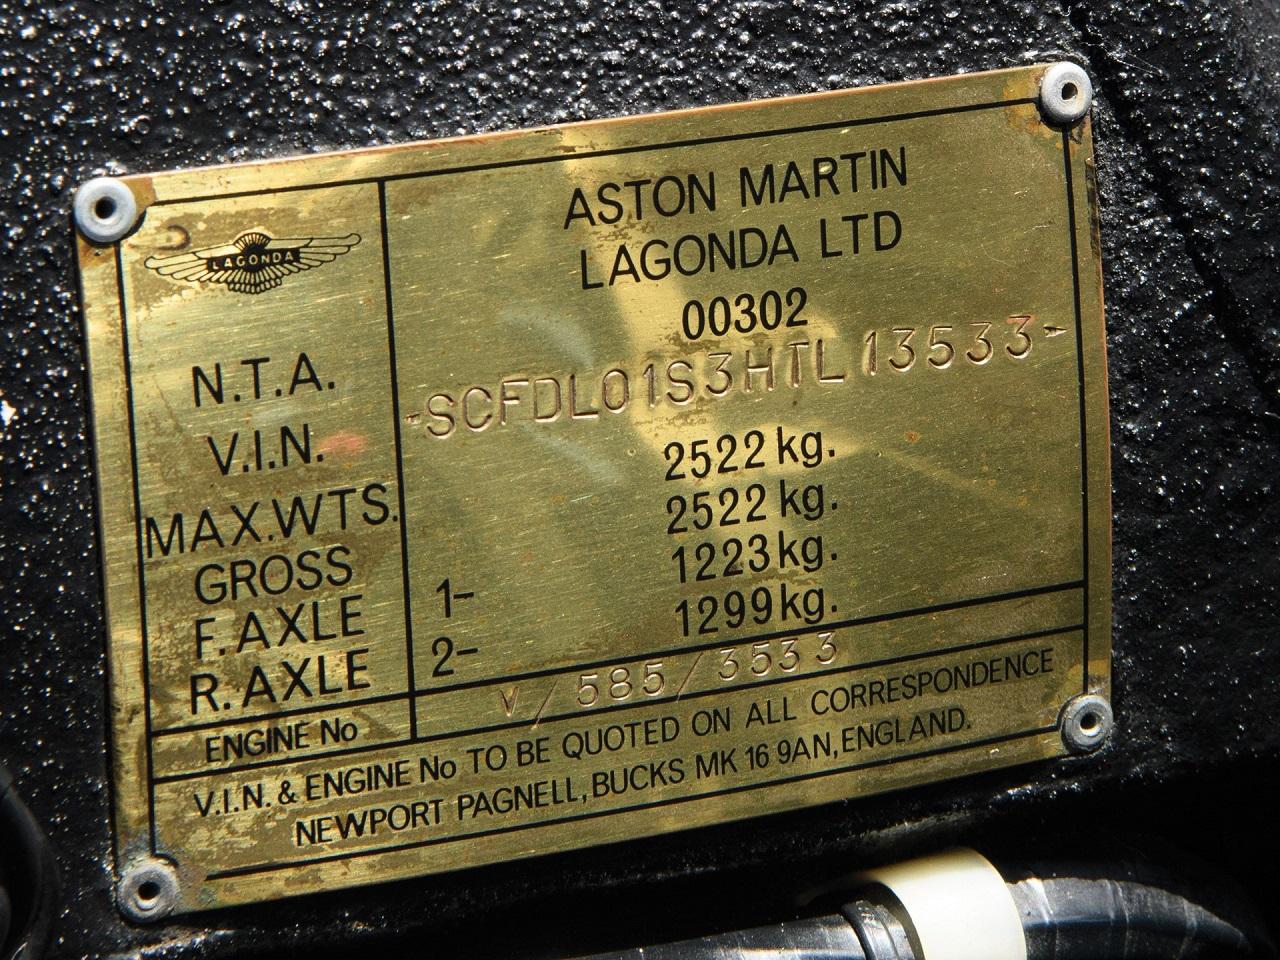 Aston Martin Lagonda Shooting Brake - One shot ! 5